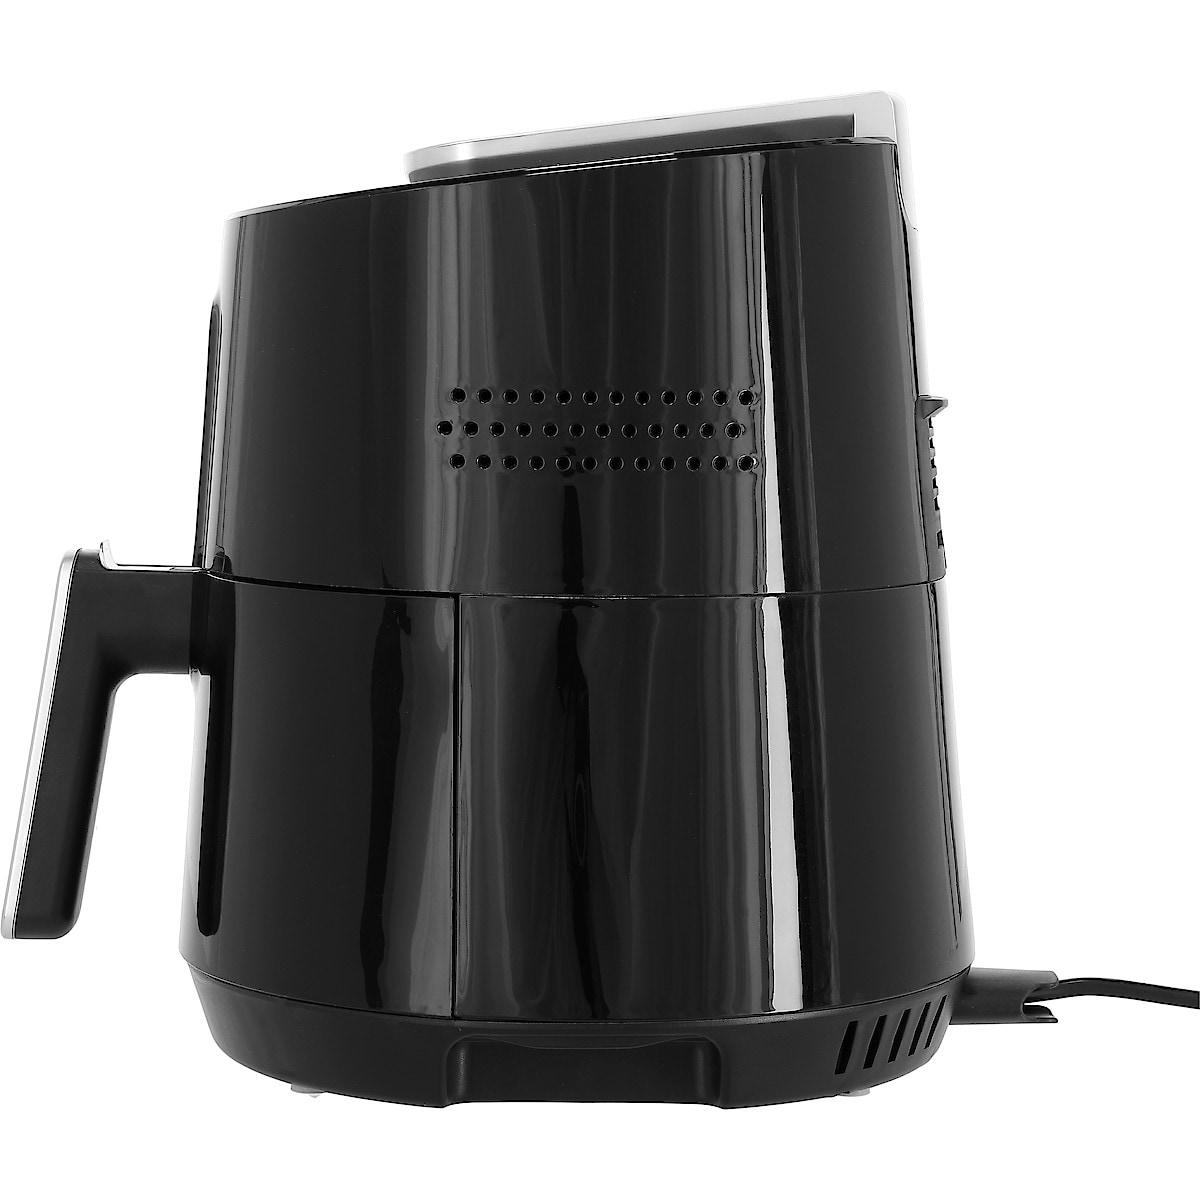 Luftfritös Airfryer 2,5 liter